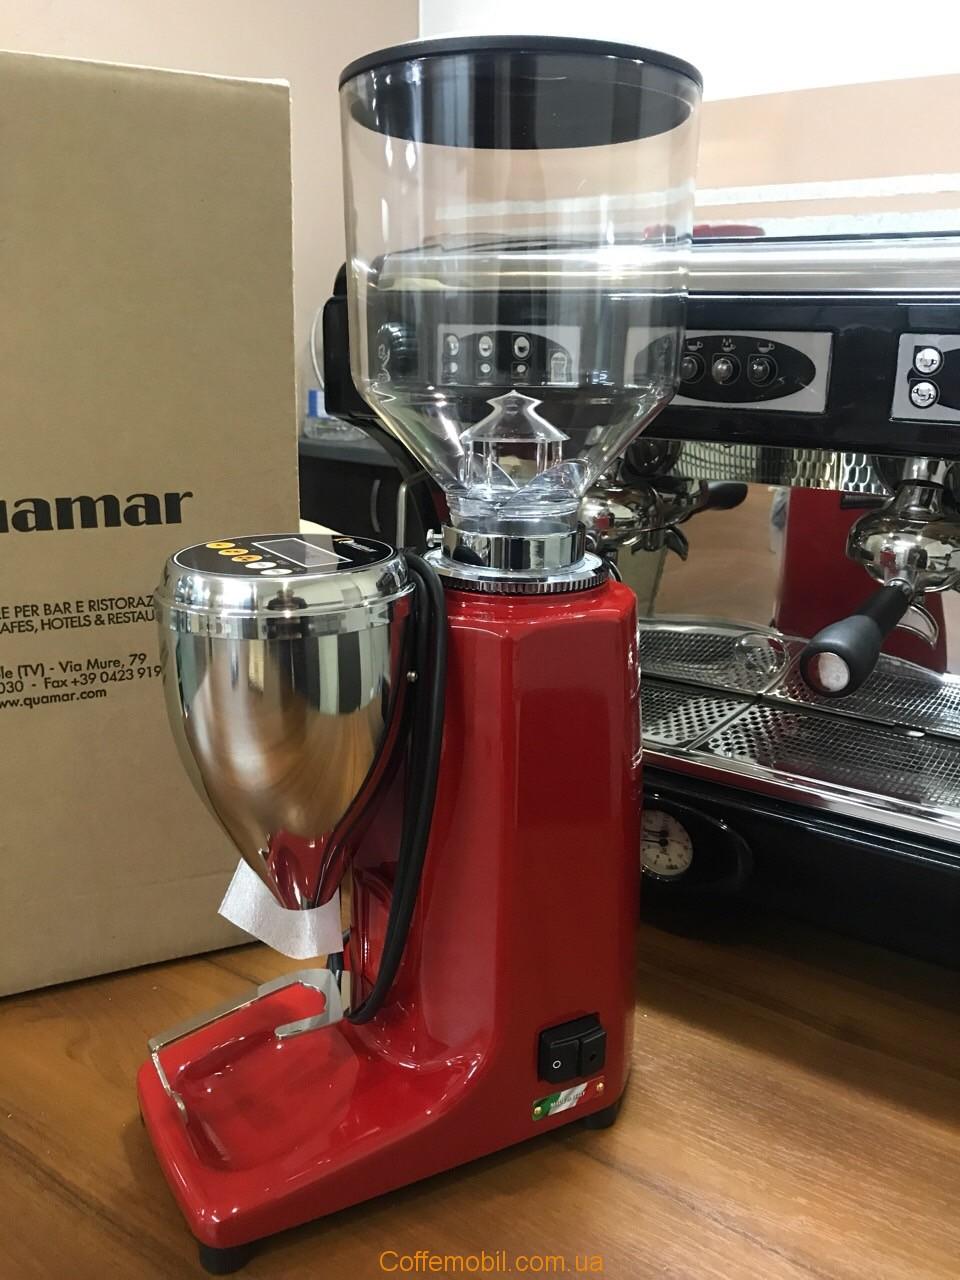 Quamar M80e купить в Киеве